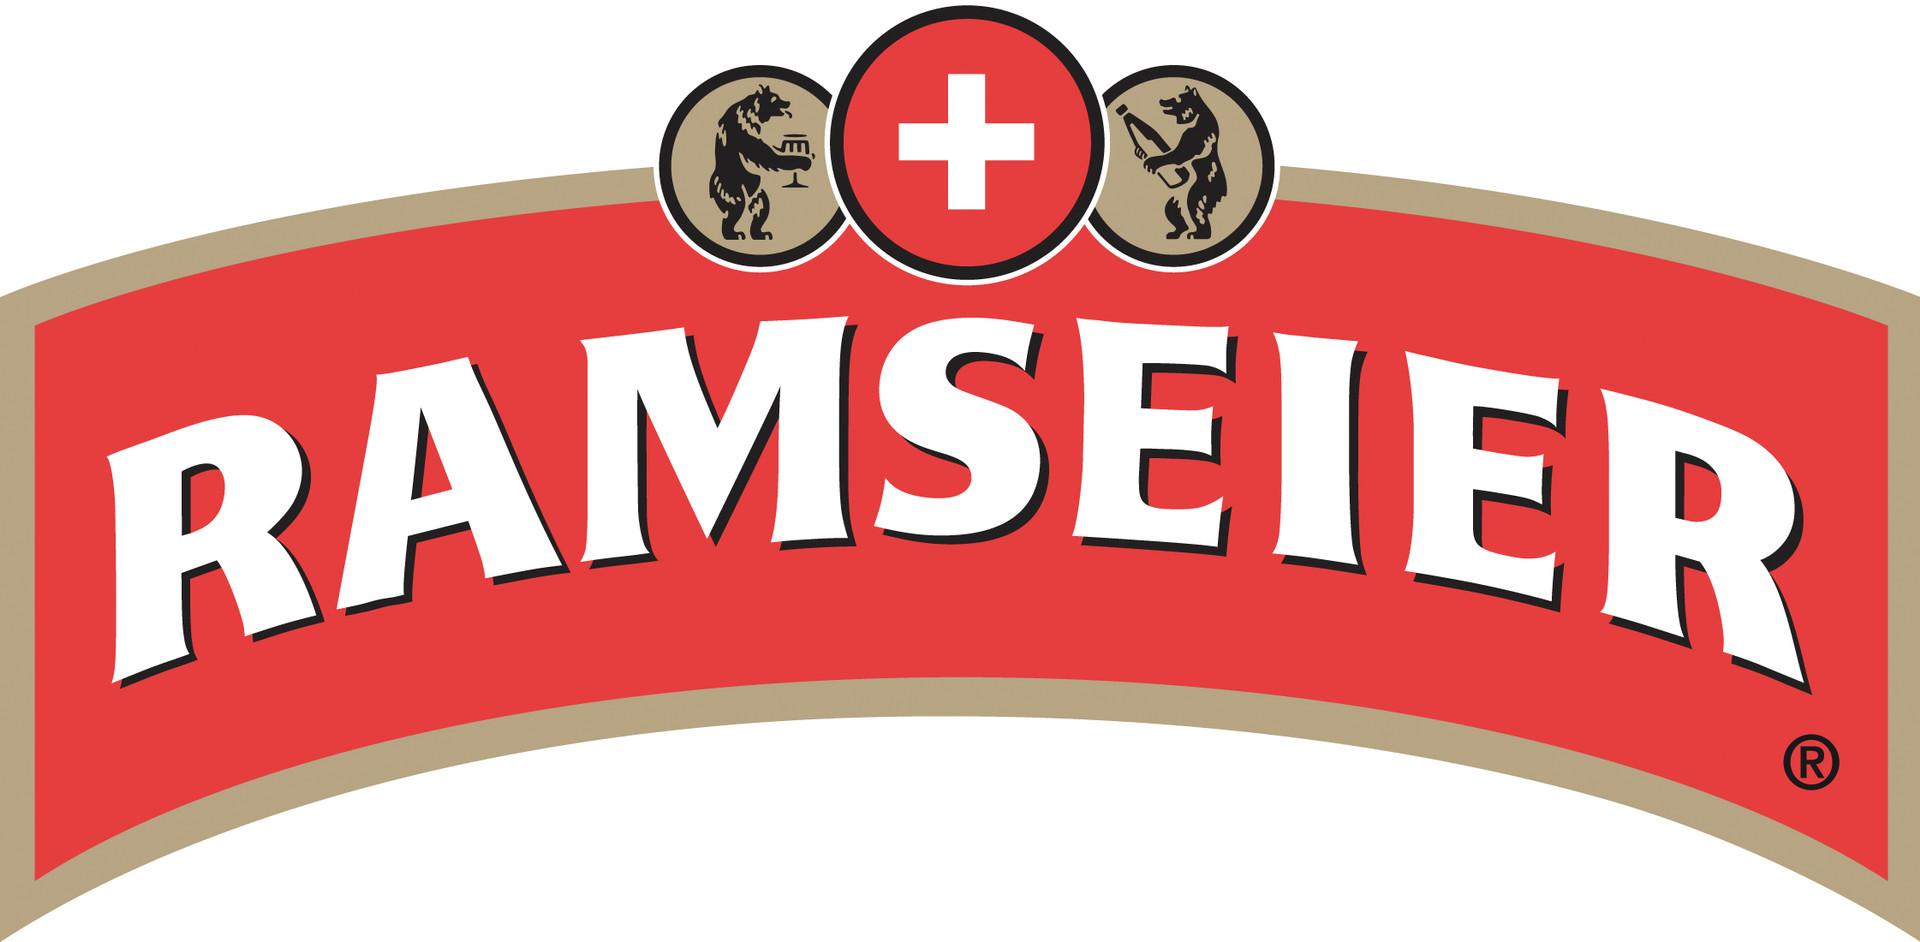 RAMSEIER Sursee